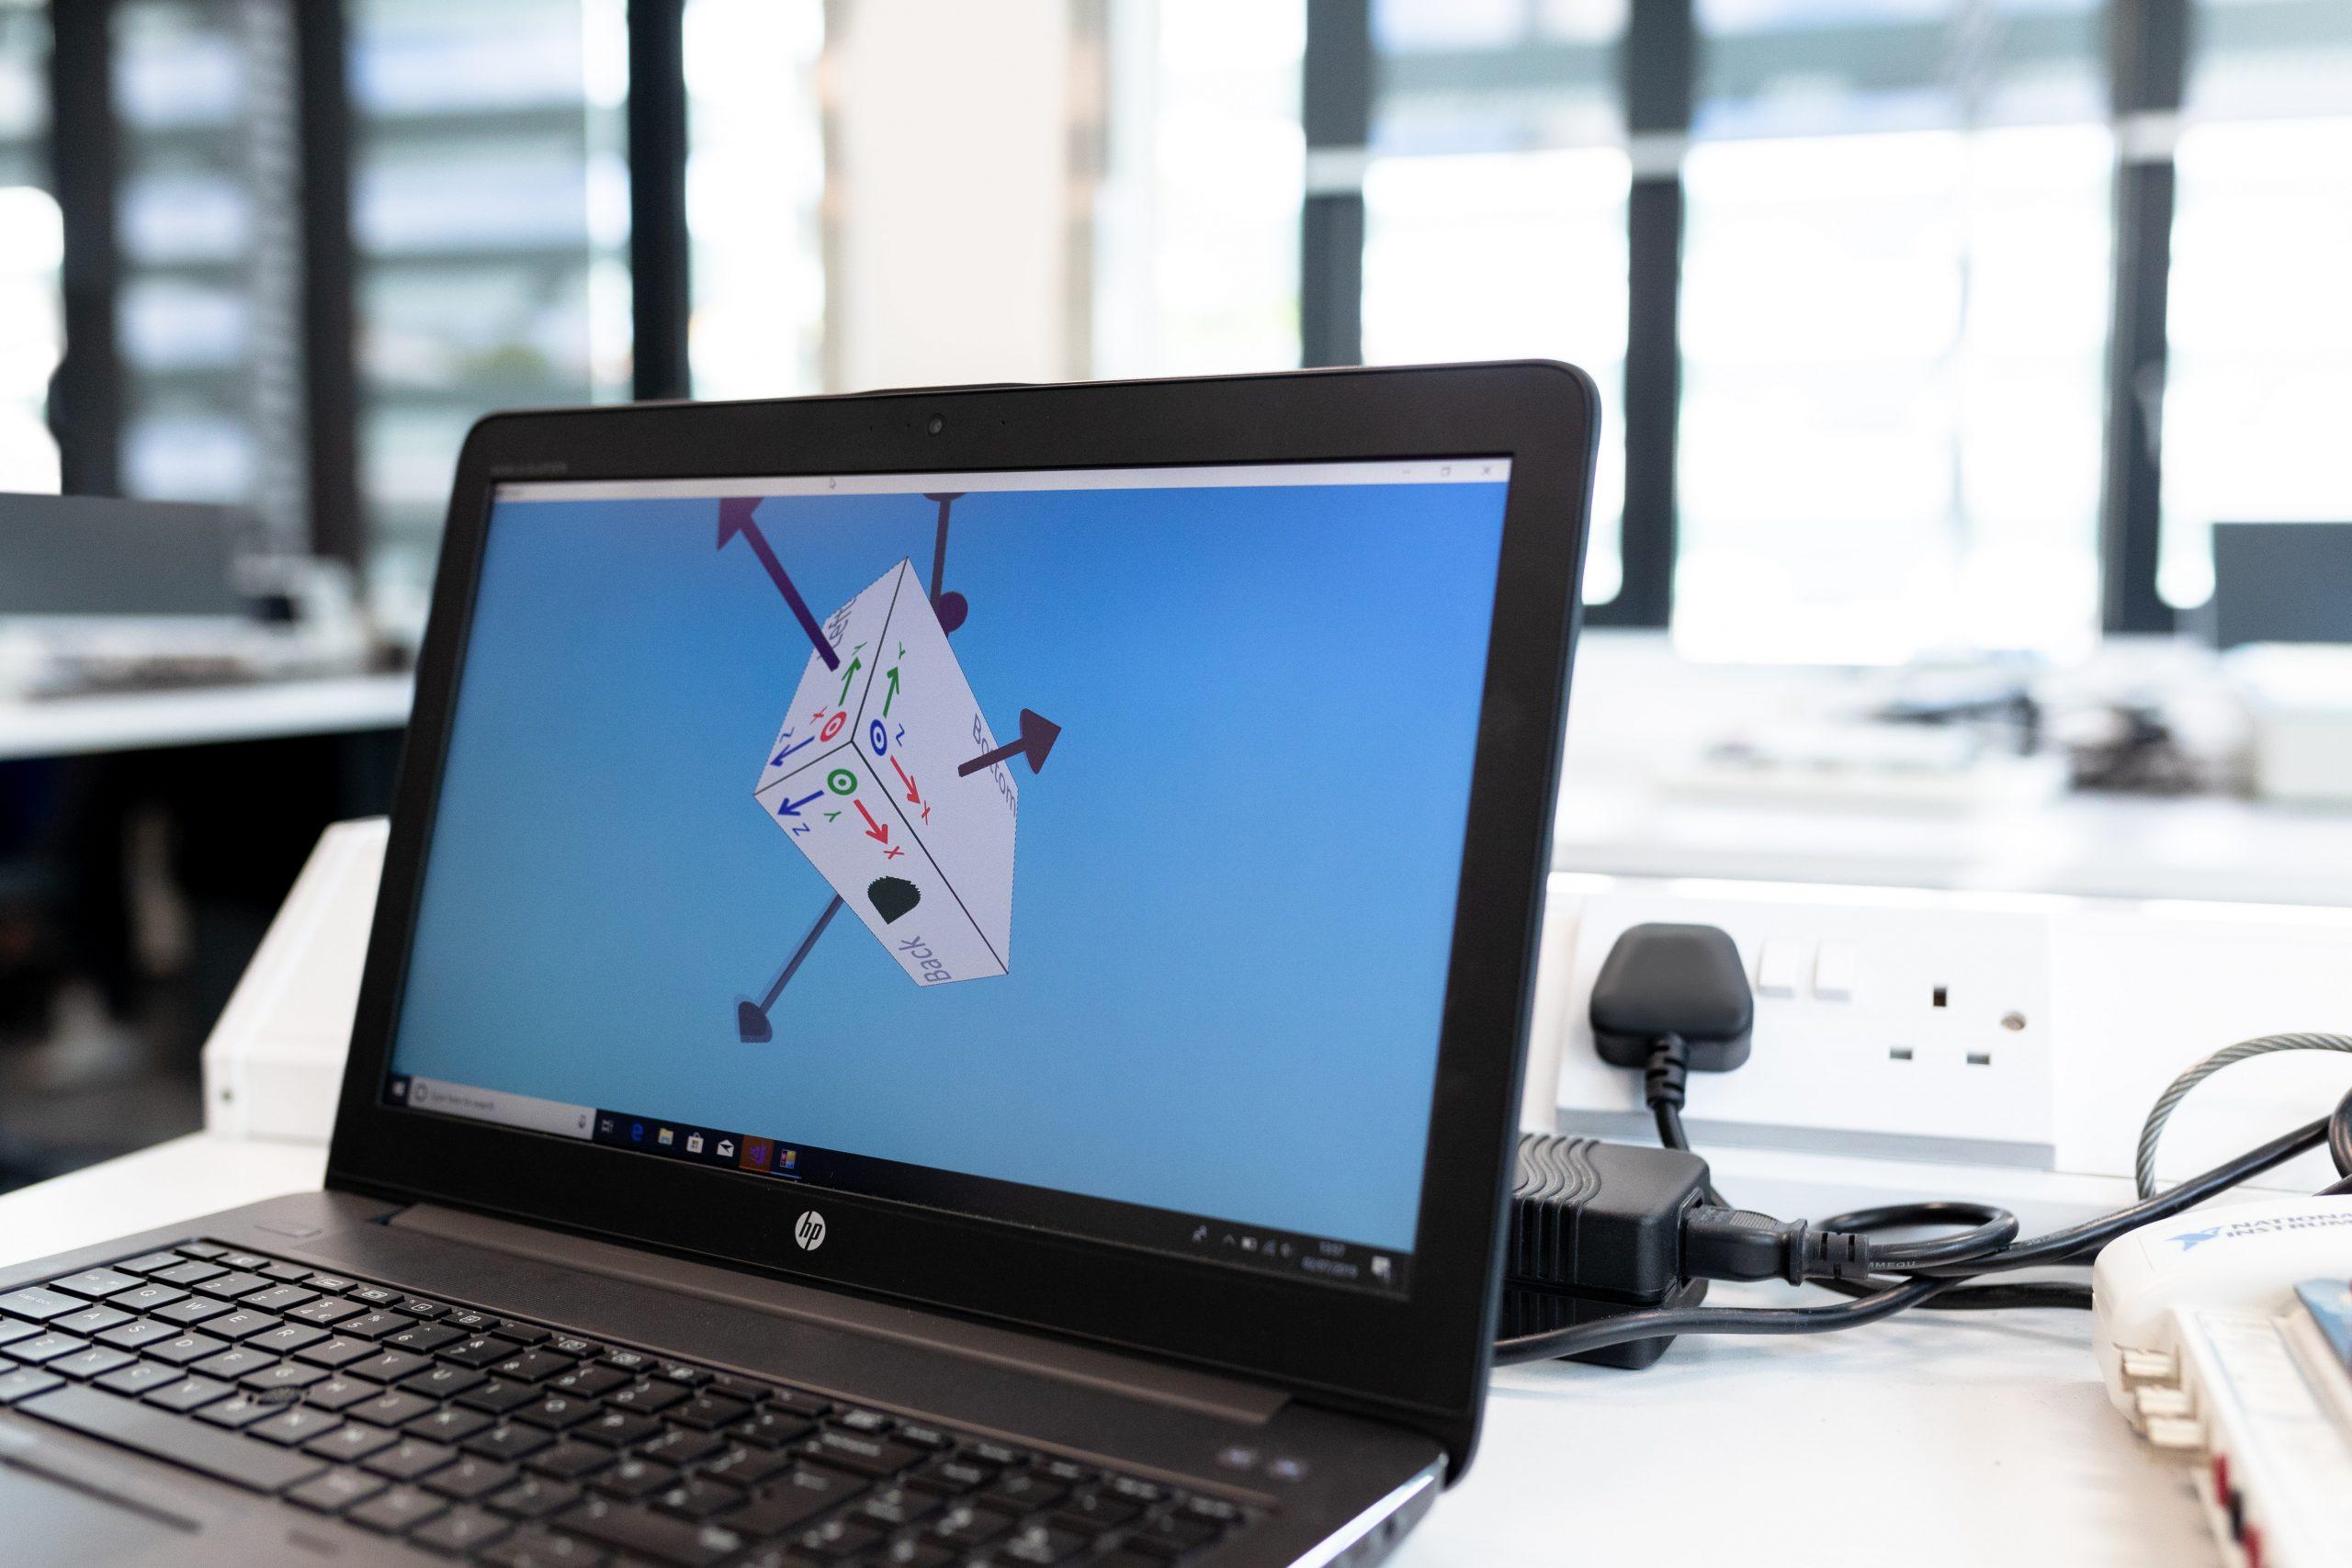 Imagem mostra um notebook e seu carregador mais ao fundo.